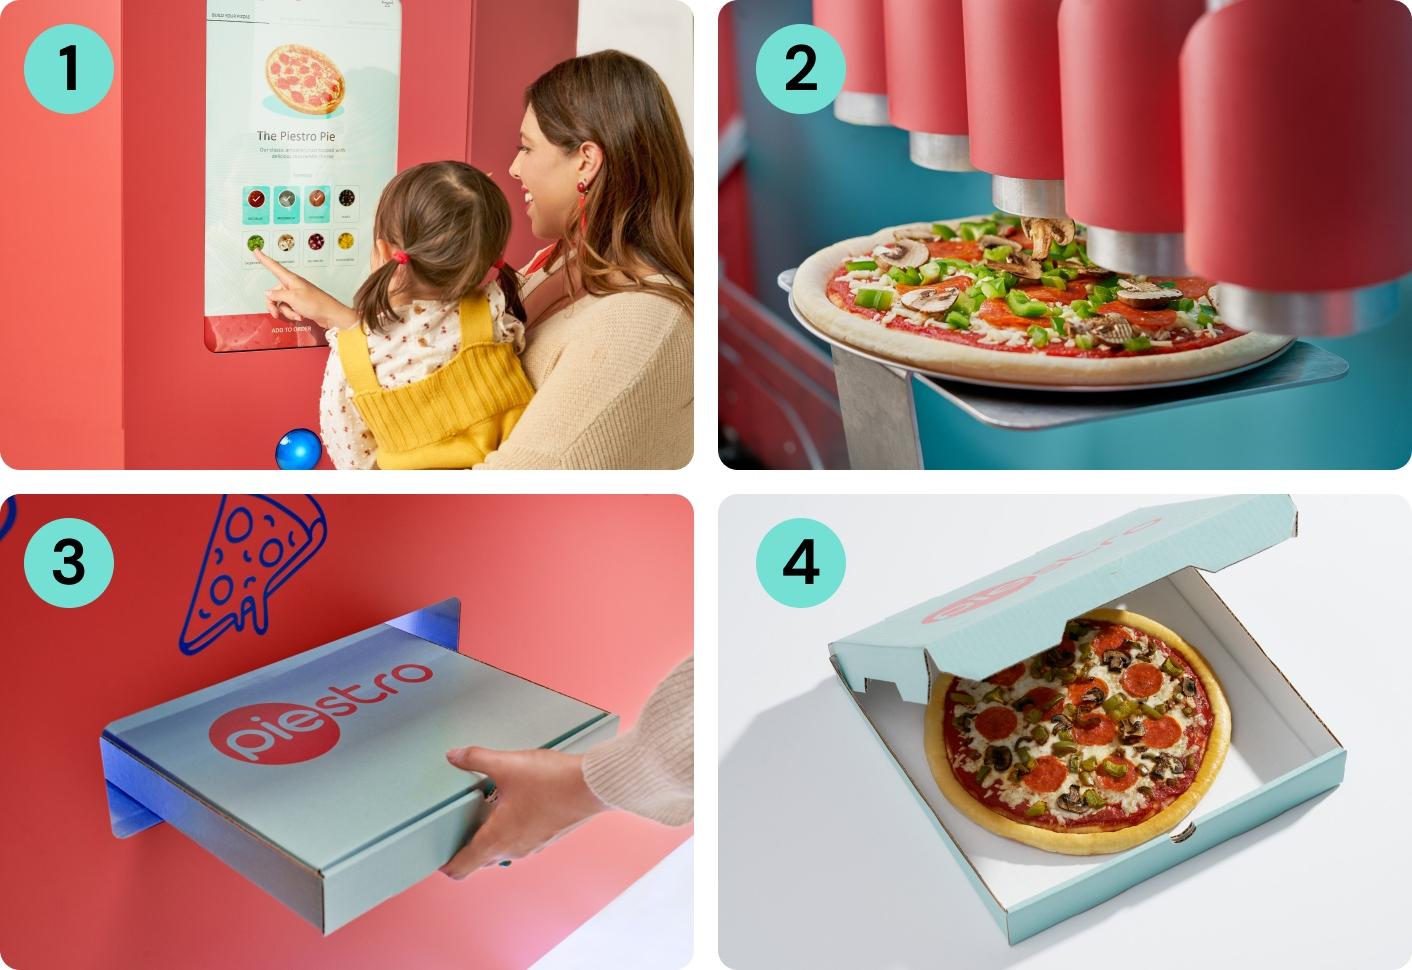 Когда итальянцы плачут: вендинговая пиццерия Piestro